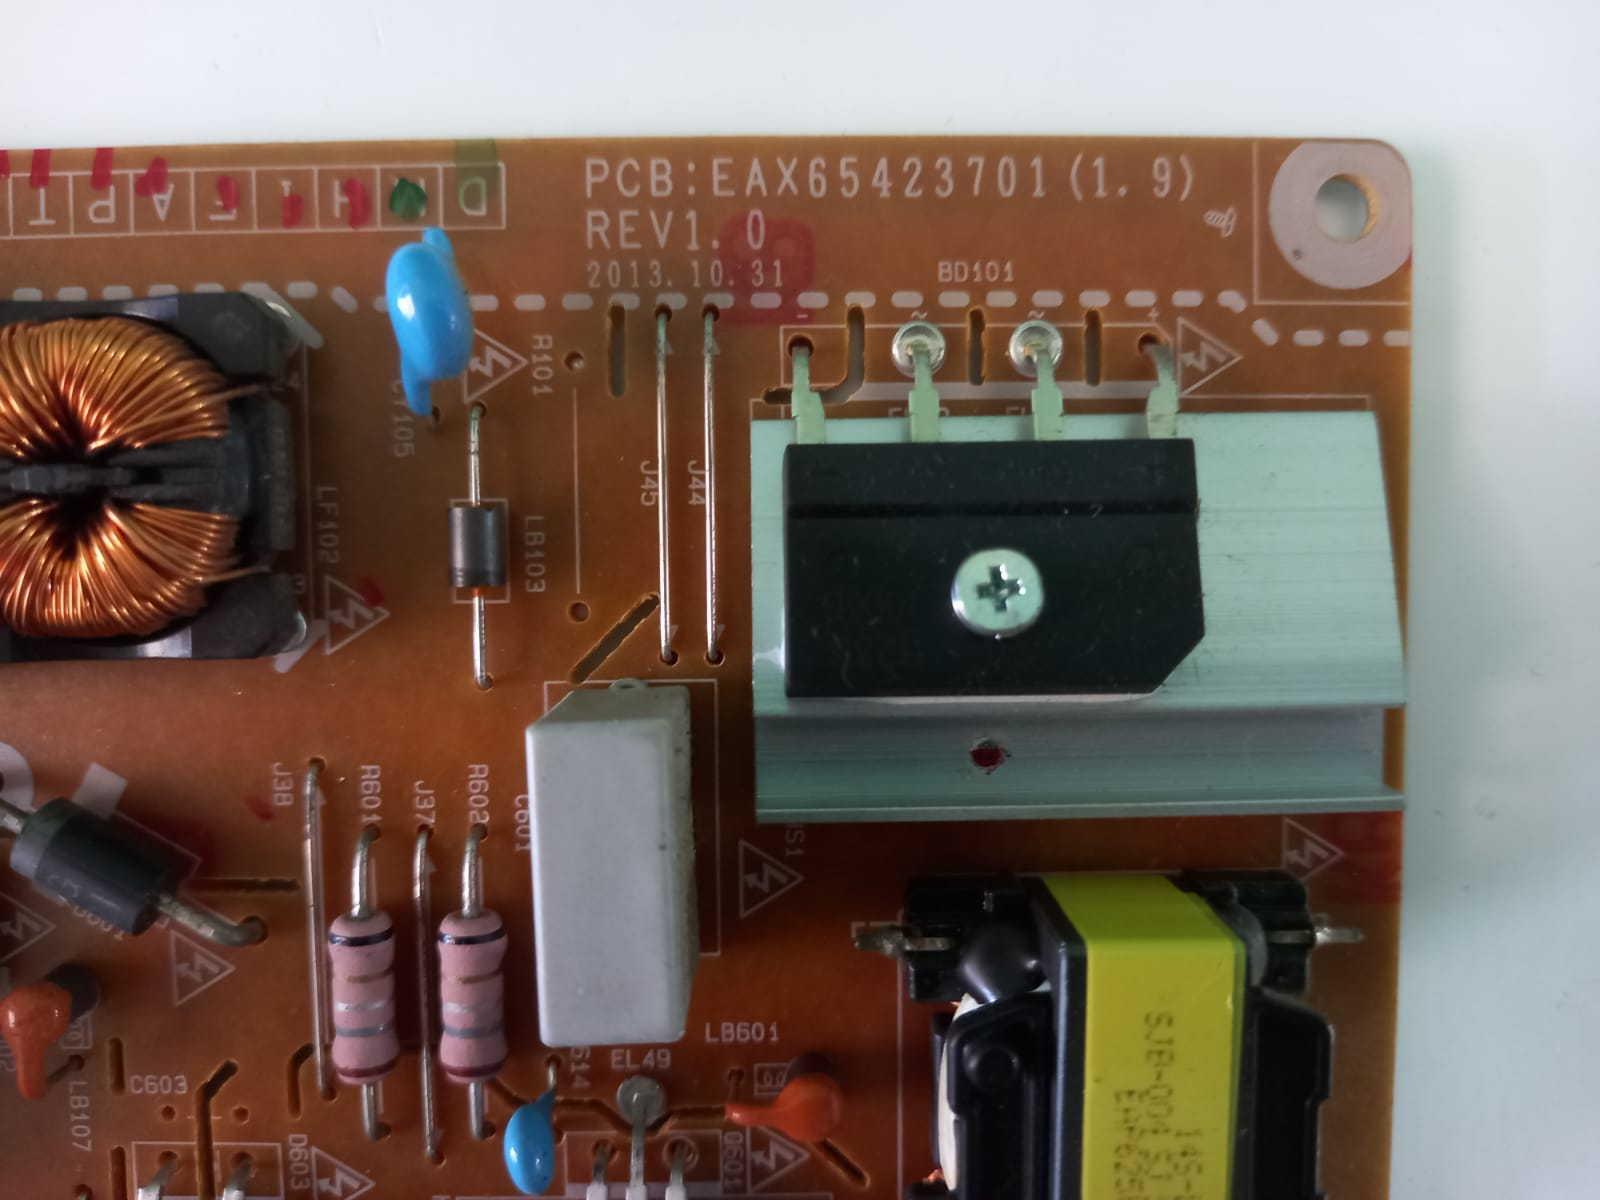 Placa fonte modelo EAX65423701(1.9) para TVs LG 32LB5800; 42LB5500; 42LB5600; 42LB6200 e 42LB6500.